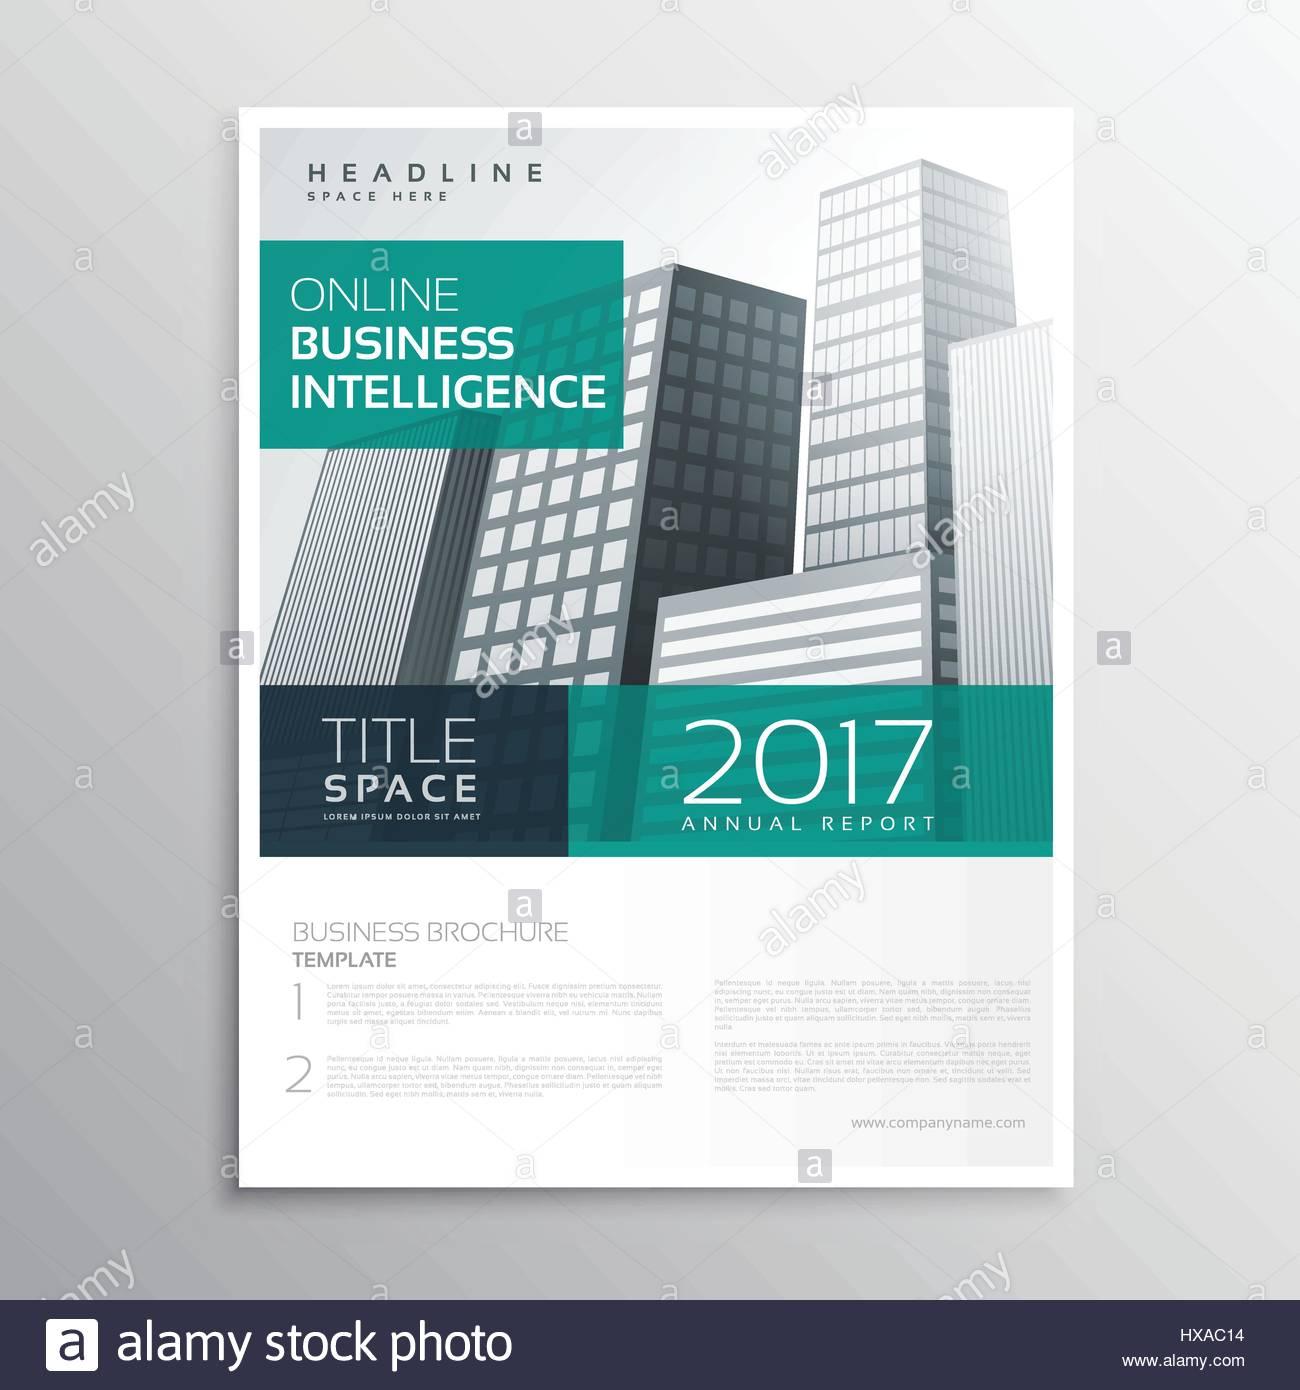 A Brochure Template Insssrenterprisesco - Business brochure template